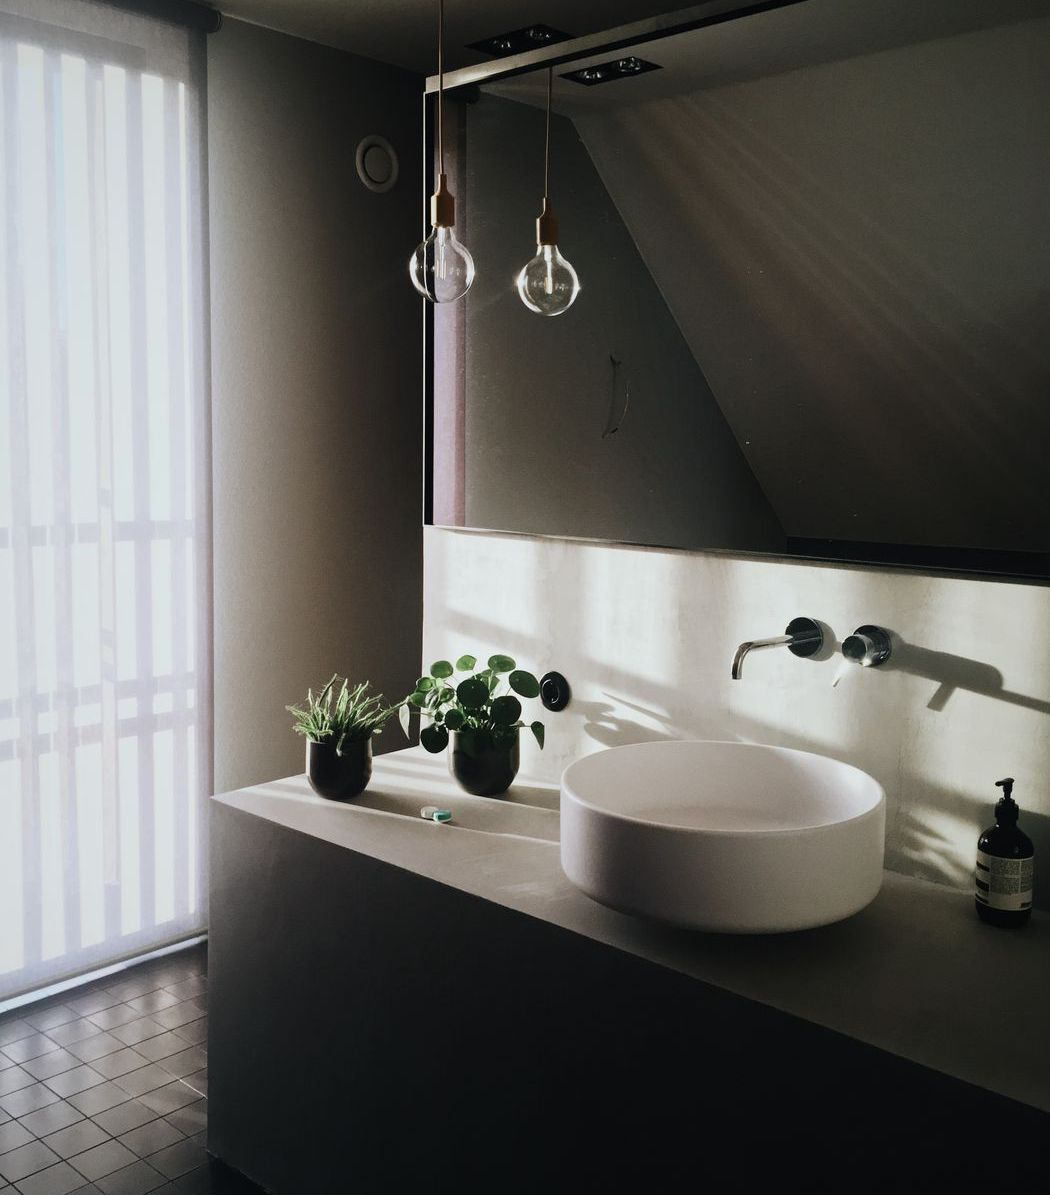 Die Renovierung eines Badezimmers ist heutzutage günstig möglich.